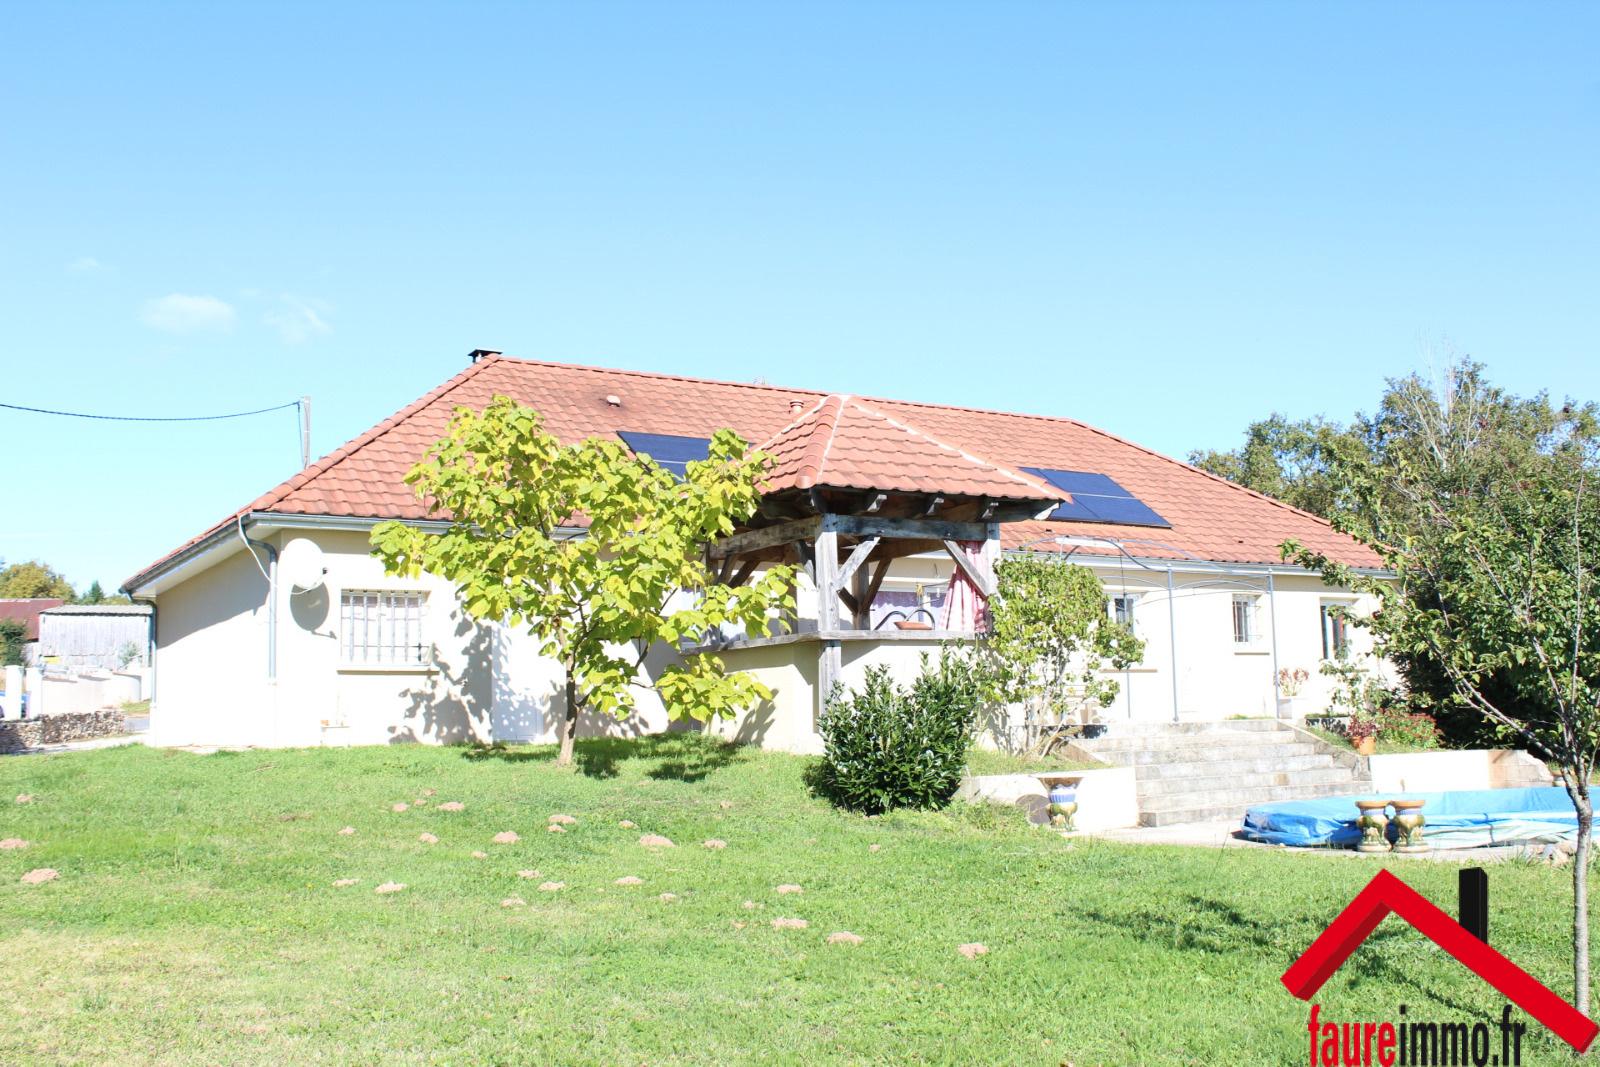 Immobilier brignac la plaine location vente appartement for Garage la plaine